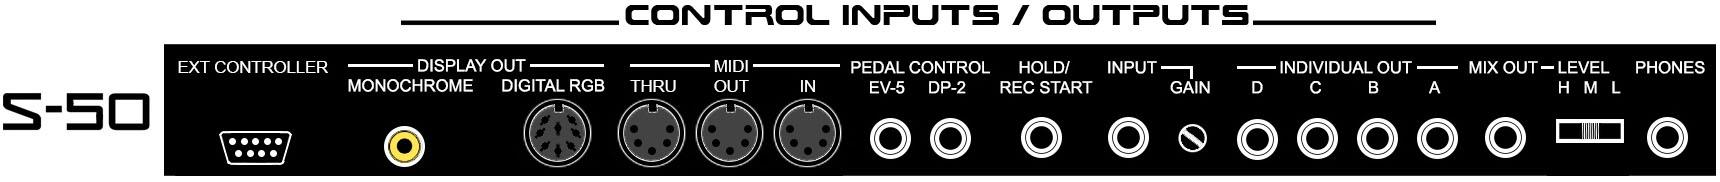 S-50 / S-550 CONTROL